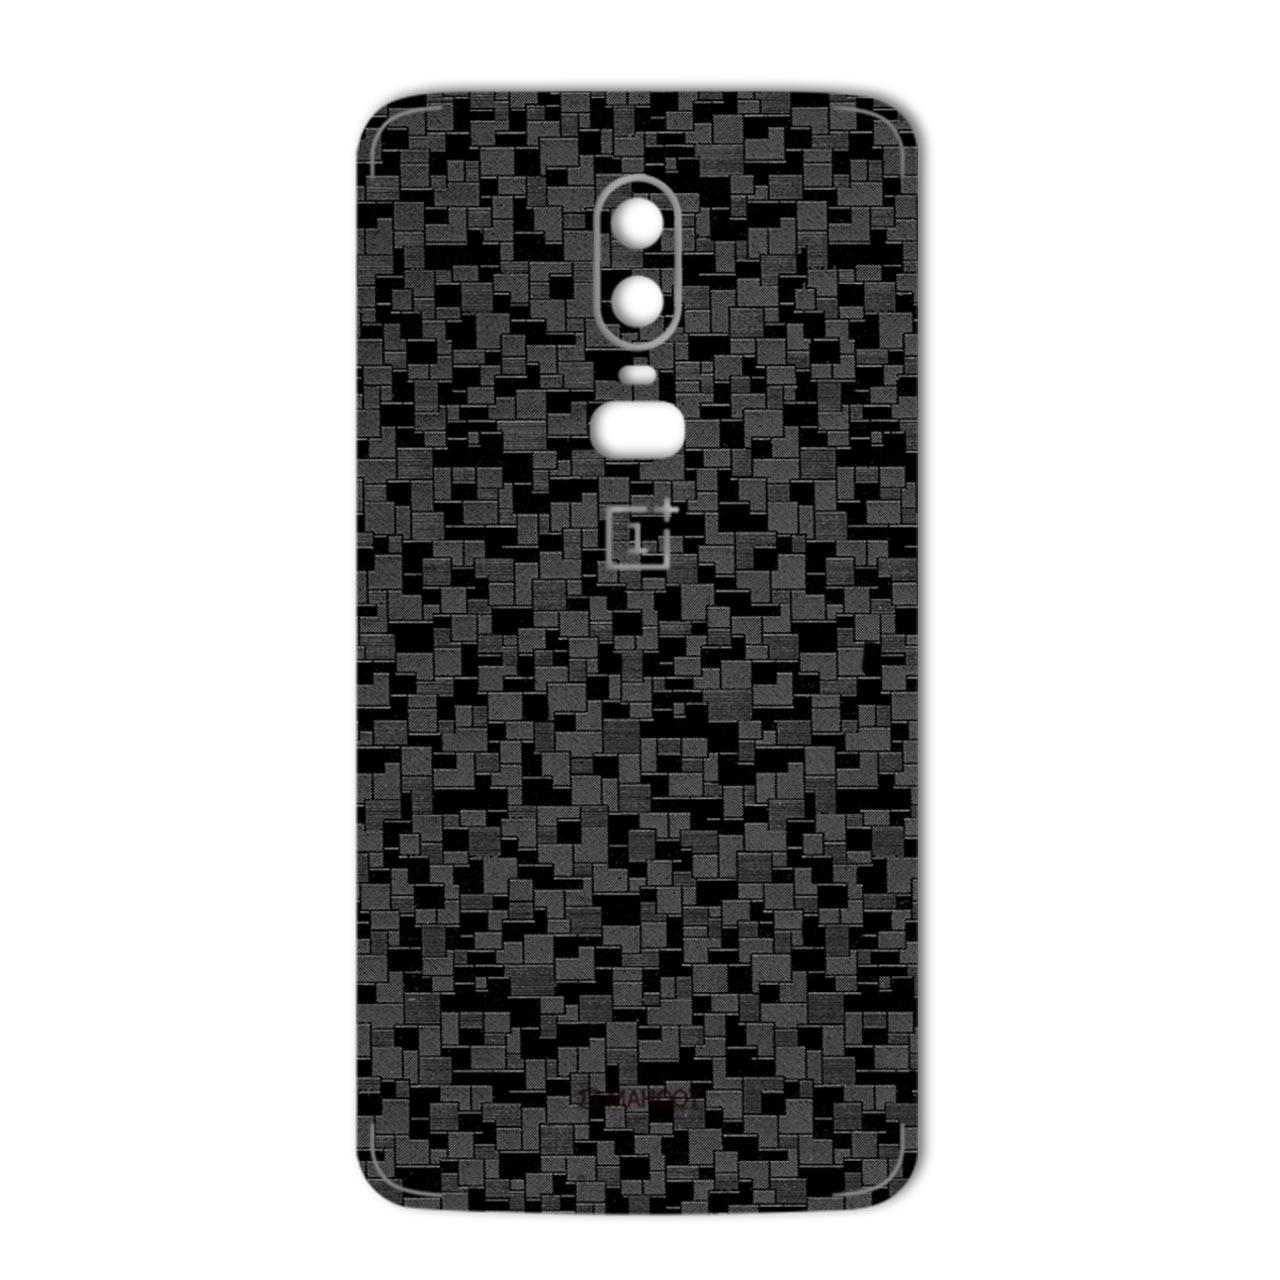 برچسب پوششی ماهوت مدل Silicon Texture مناسب برای گوشی  OnePlus 6